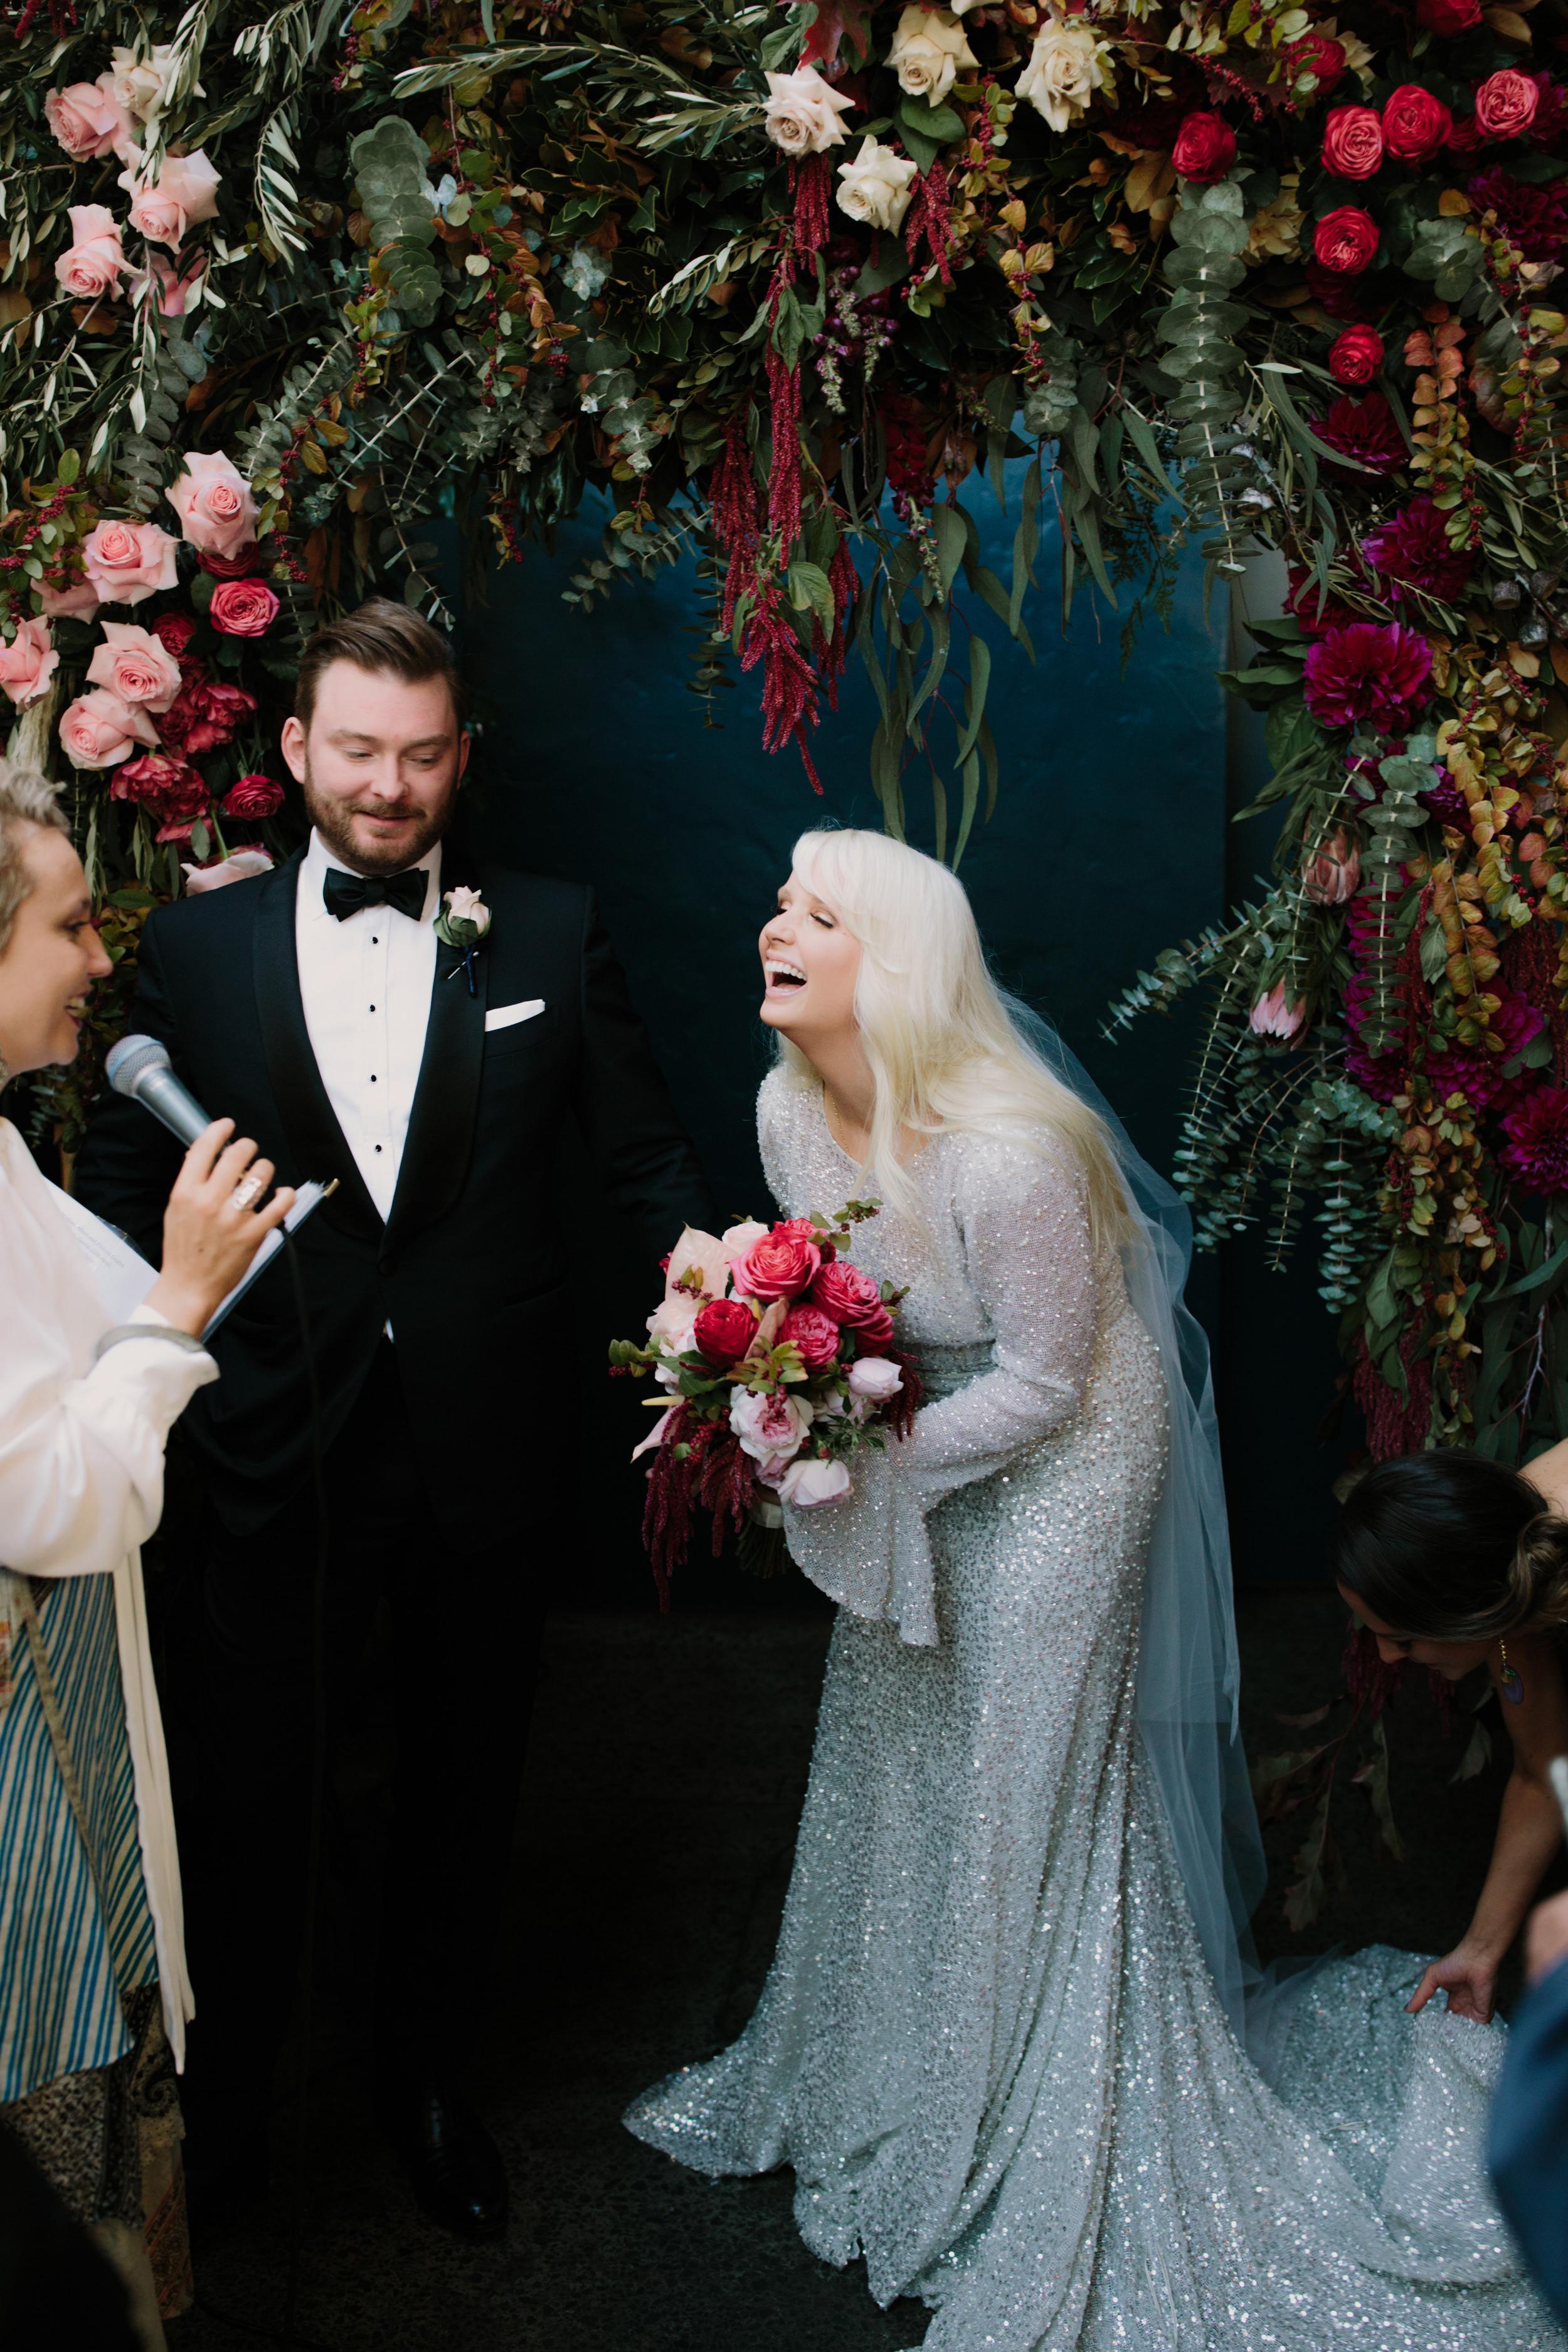 I-Got-You-Babe-Weddings-Tori-Will-Rupert0043.jpeg